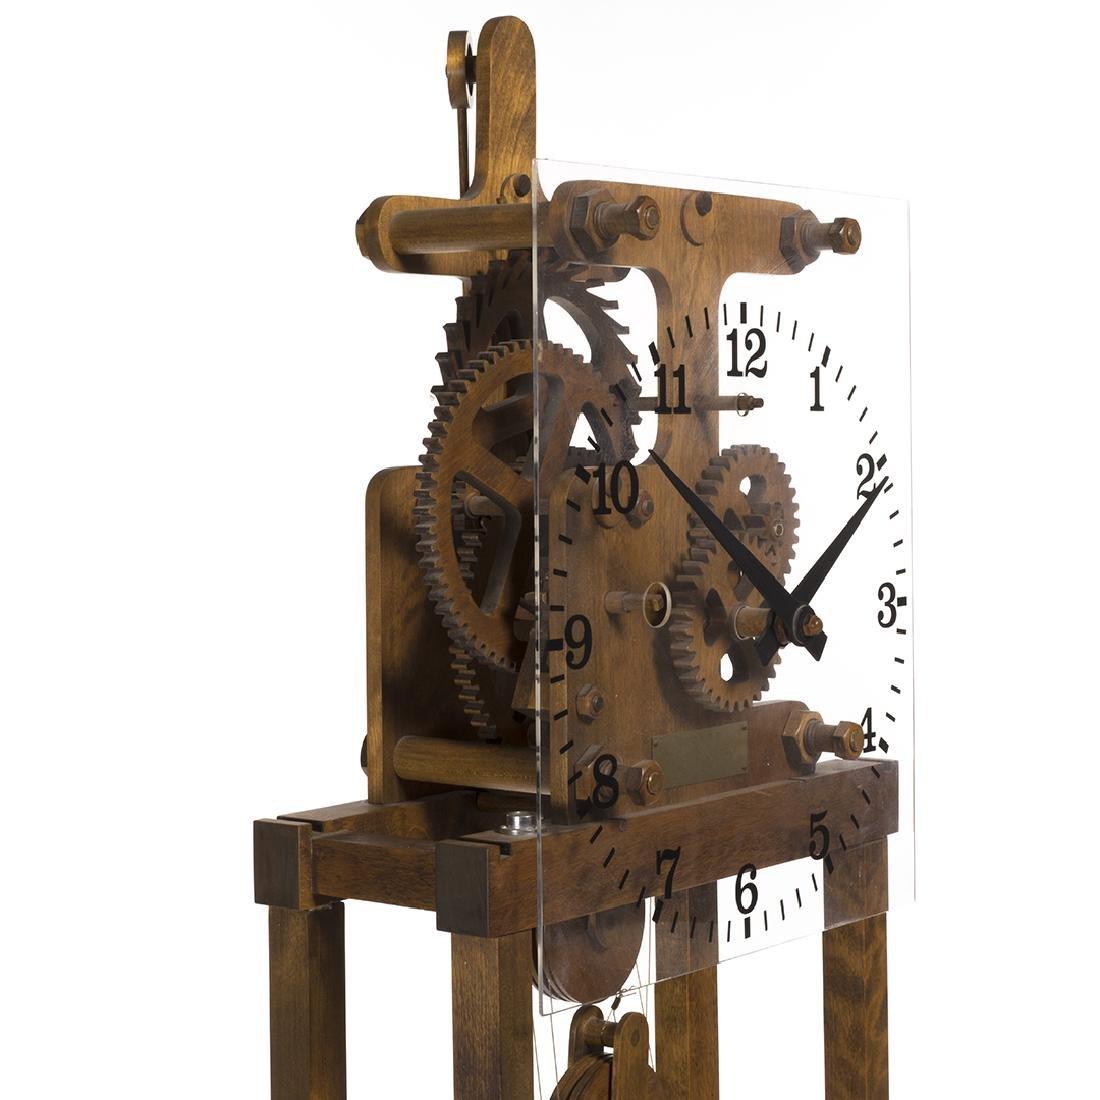 William Talmadge Wooden Floor Standing Clock - 3